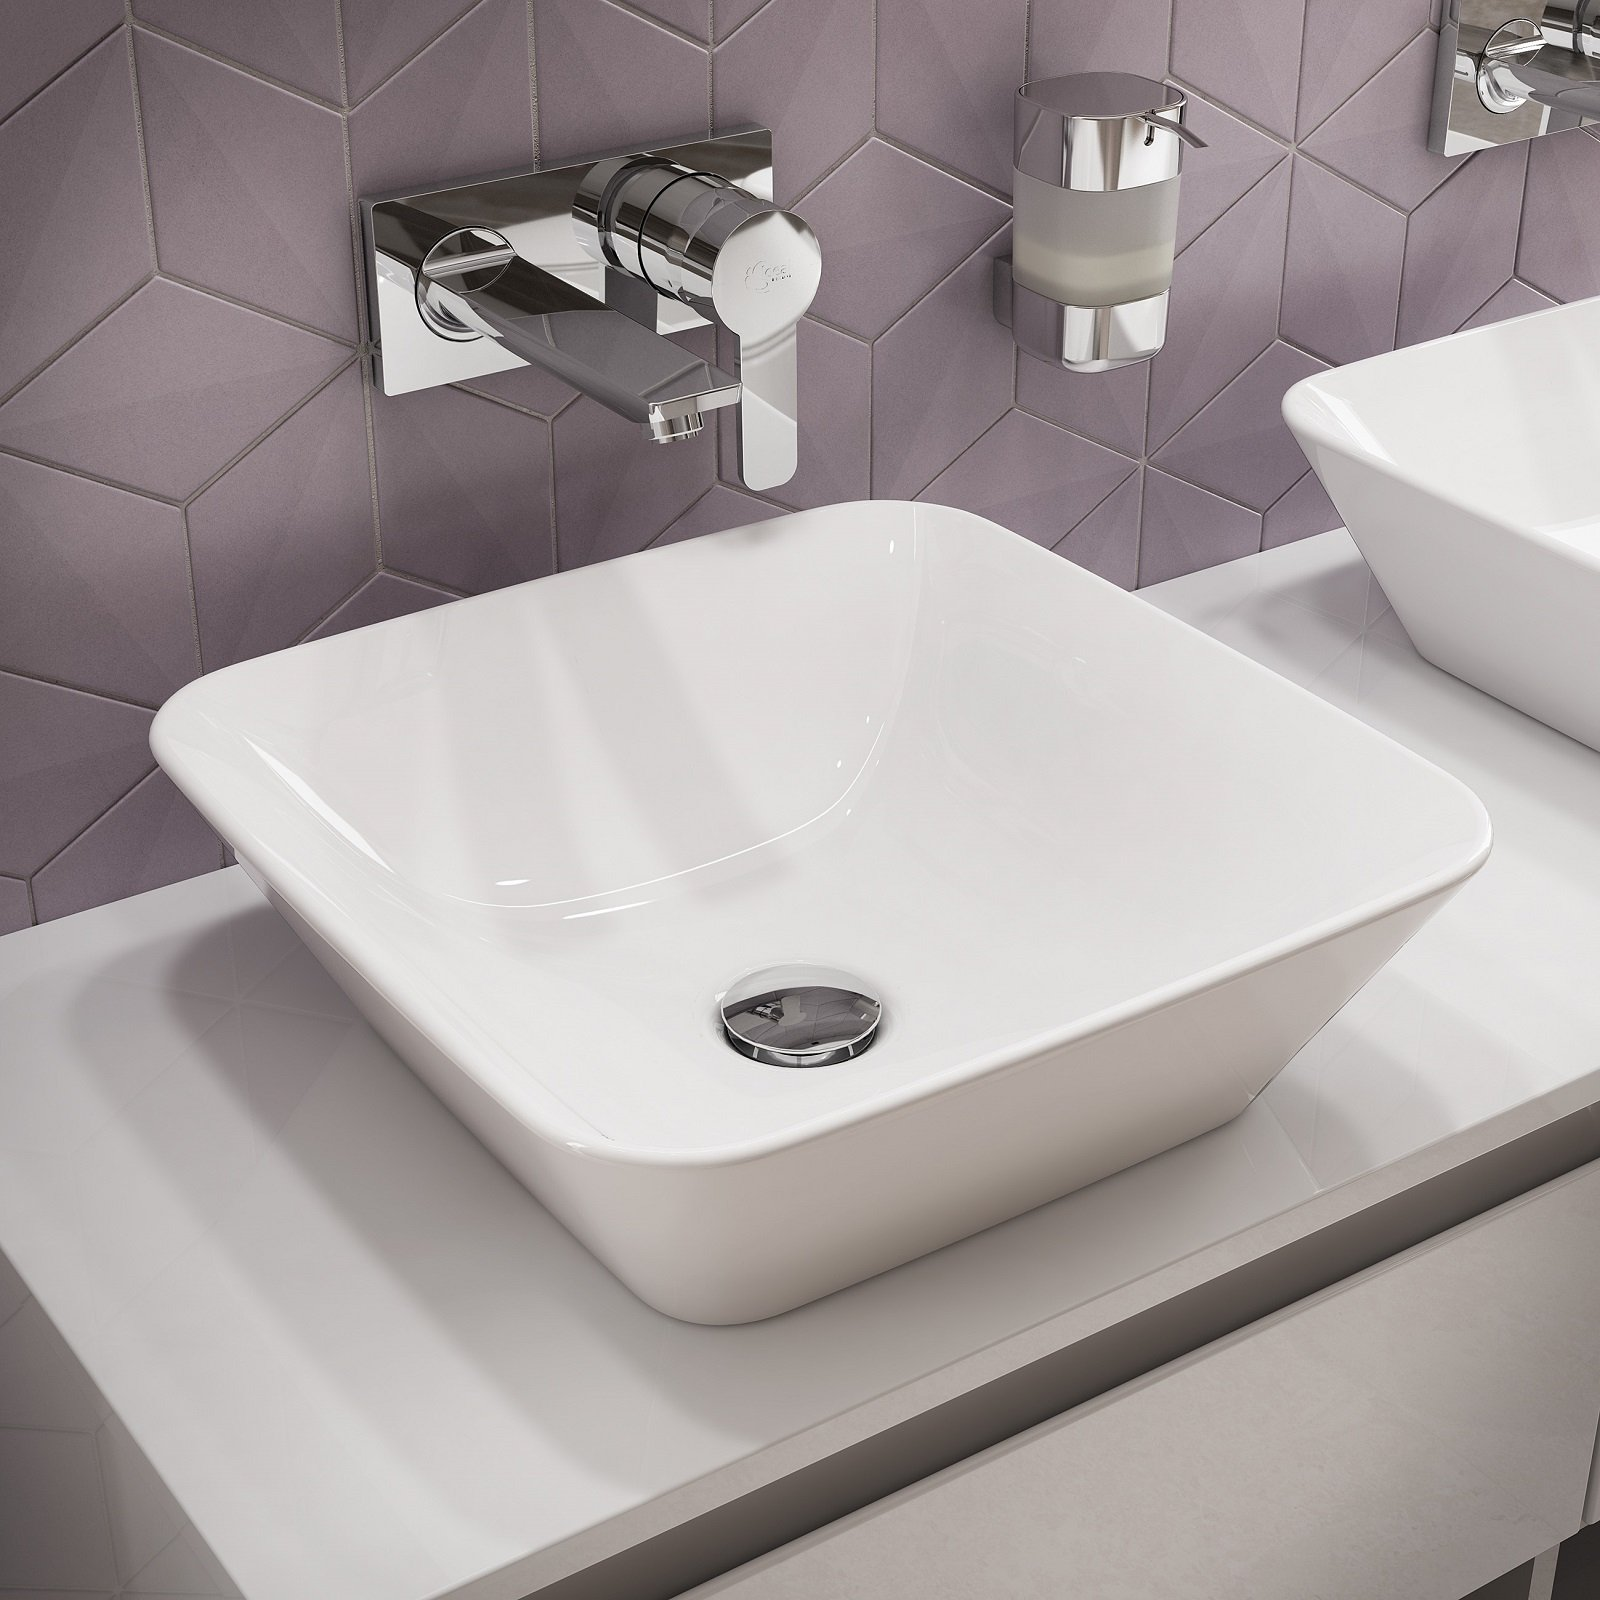 Fanno tendenza i moderni lavabi d appoggio che donano leggerezza all ambiente bagno sia di stile - Lavabi bagno ideal standard ...